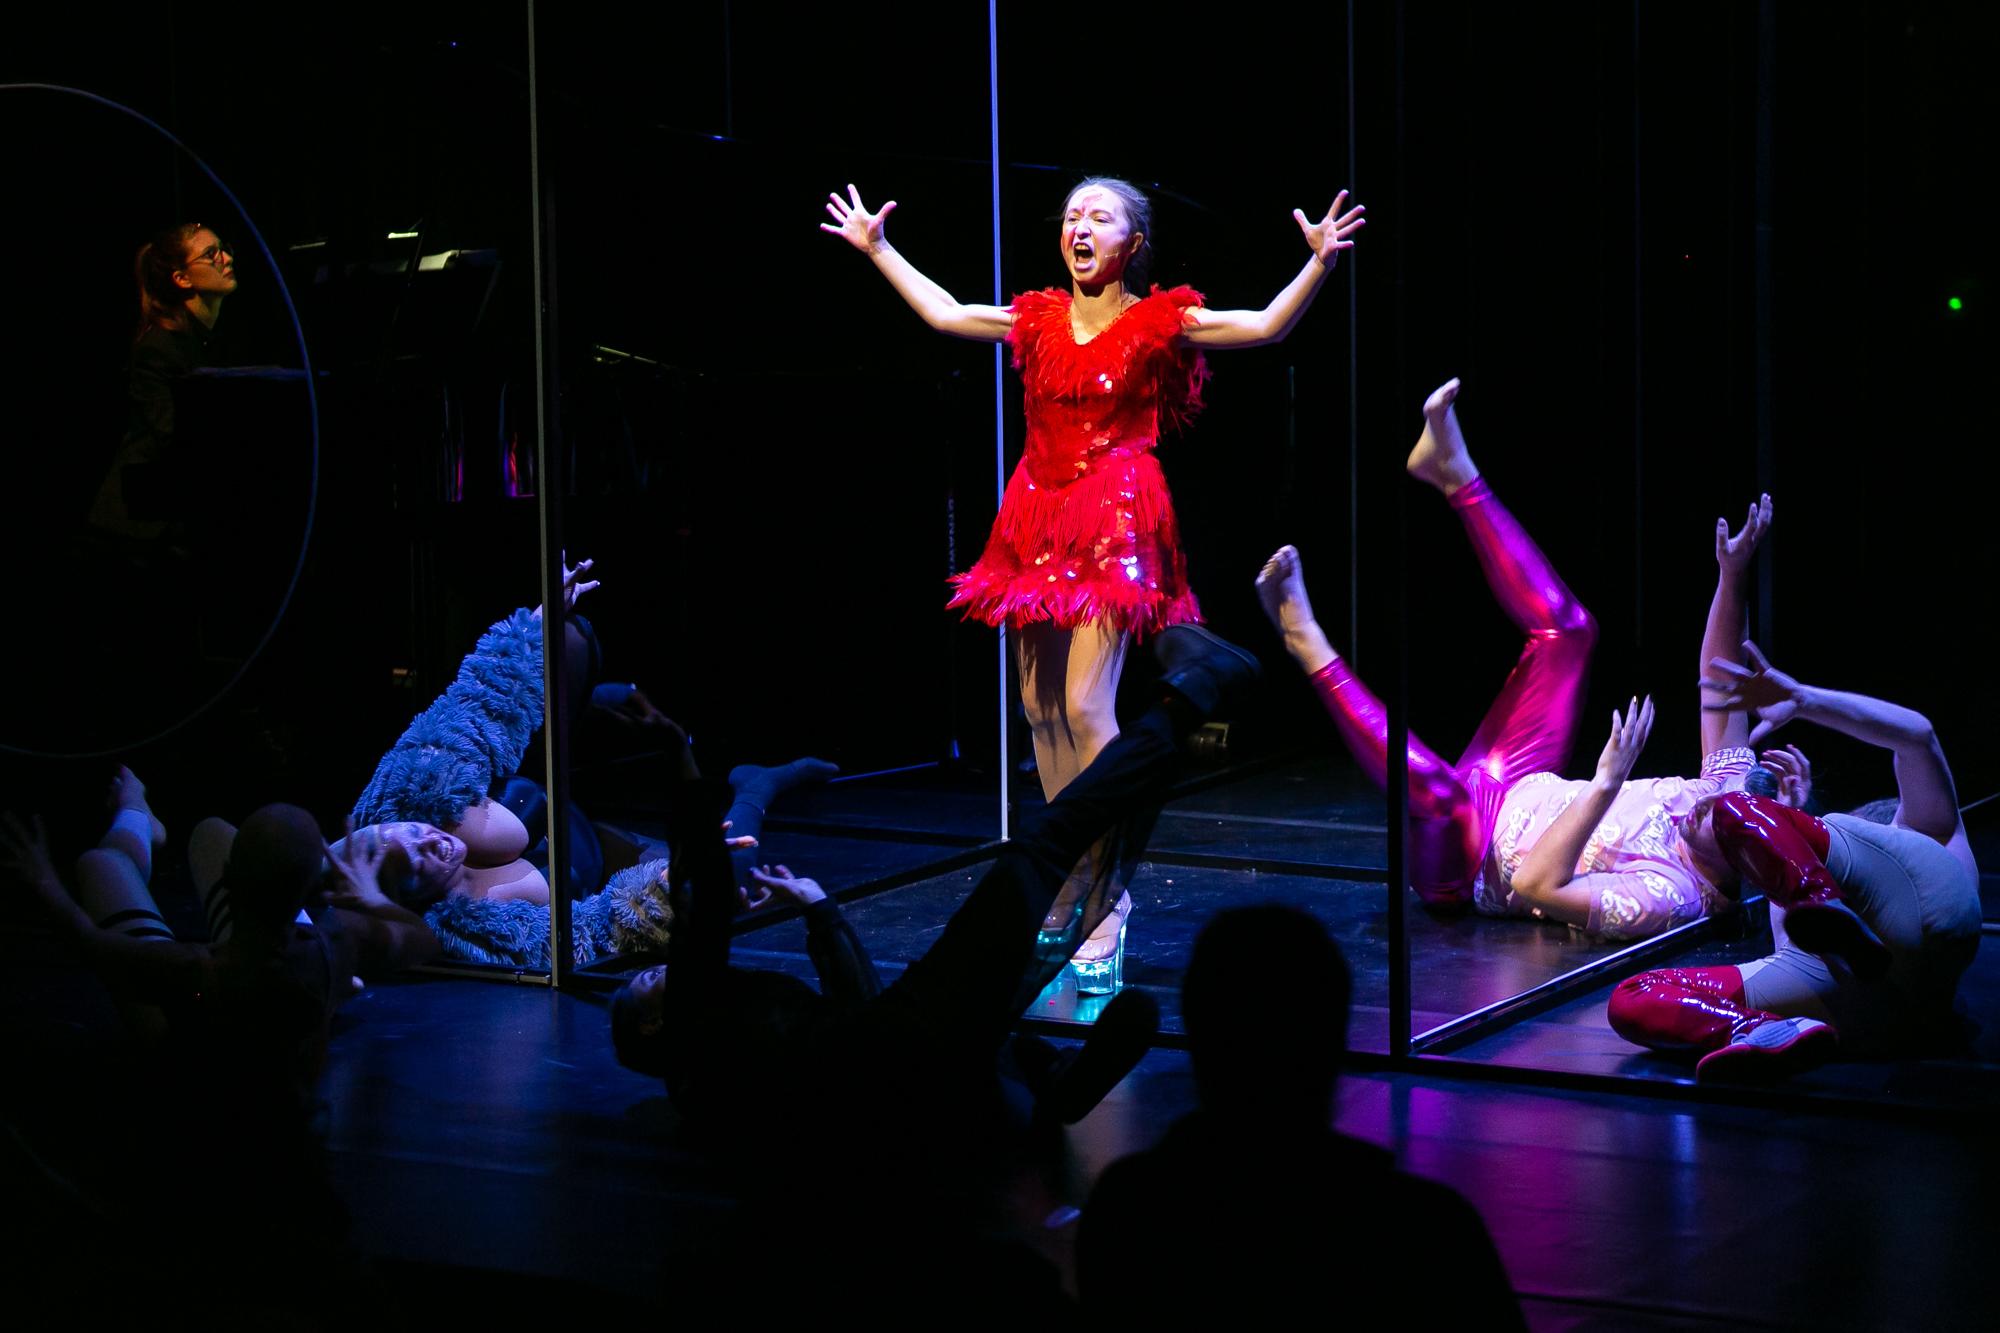 Pośrodku sceny Konrad Konrad - kobieta w krótkiej, czerwonej sukience z frędzlami i w srebrnych butach na platformie ekspresyjnie coś śpiewa lub krzyczy z rękami wzniesionymi w górę. Wokół niej tarzają się po podłodze cztery postaci drag queens.